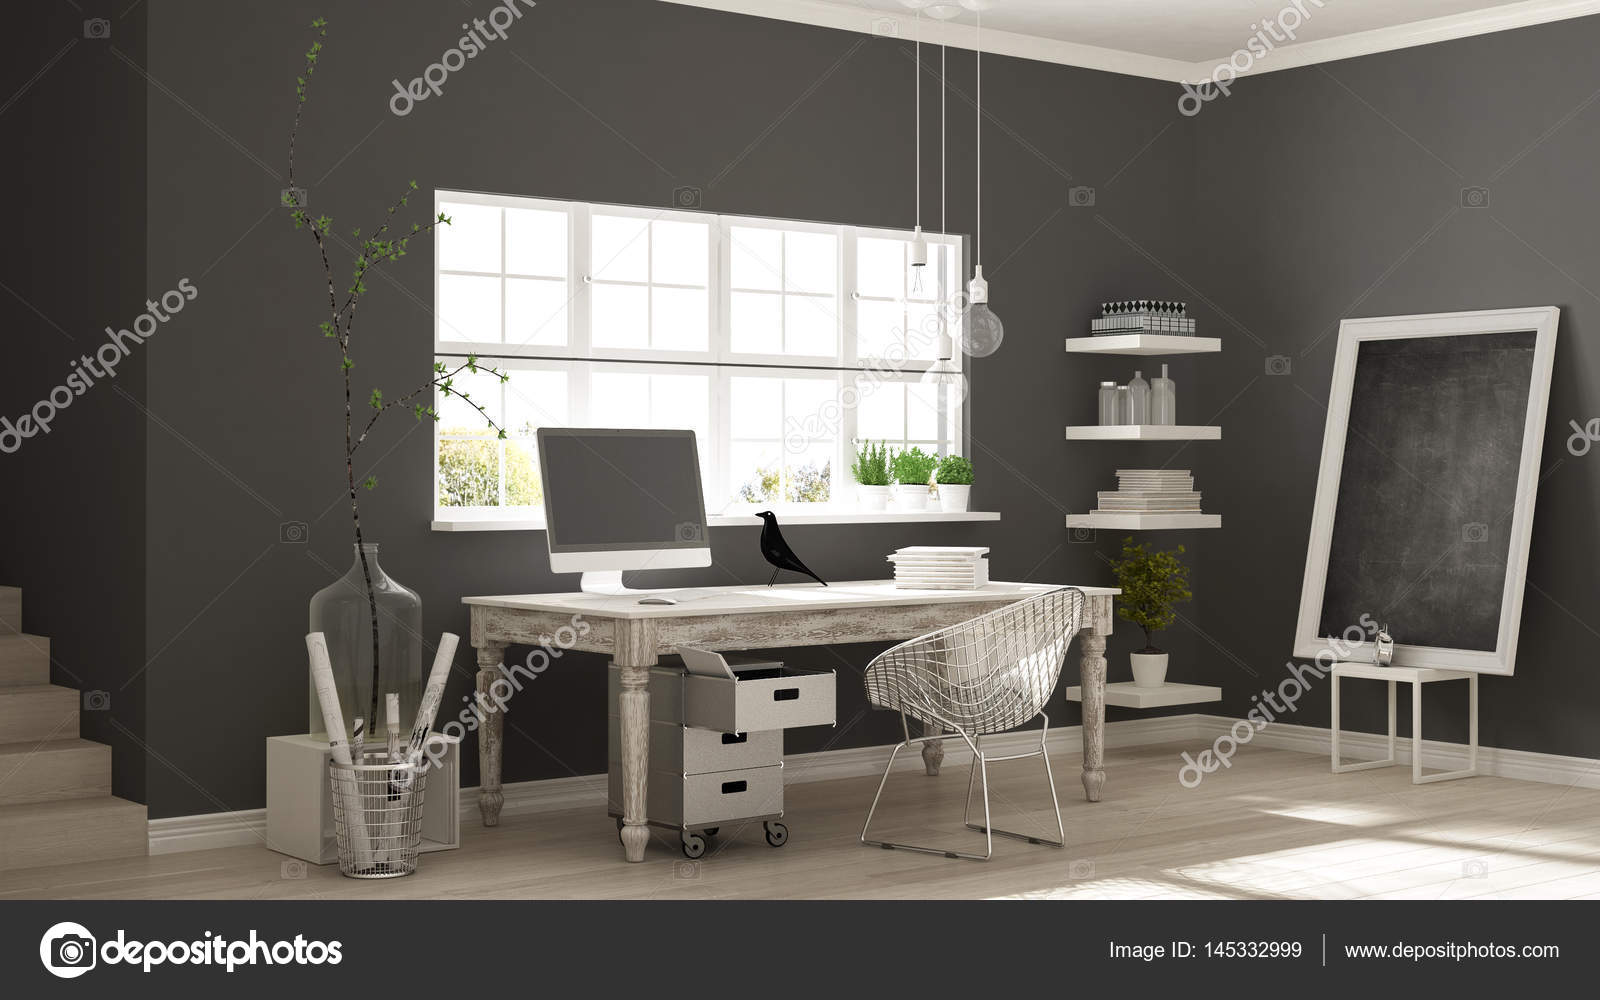 Thuis werkplek scandinavische huis kamer hoek kantoor